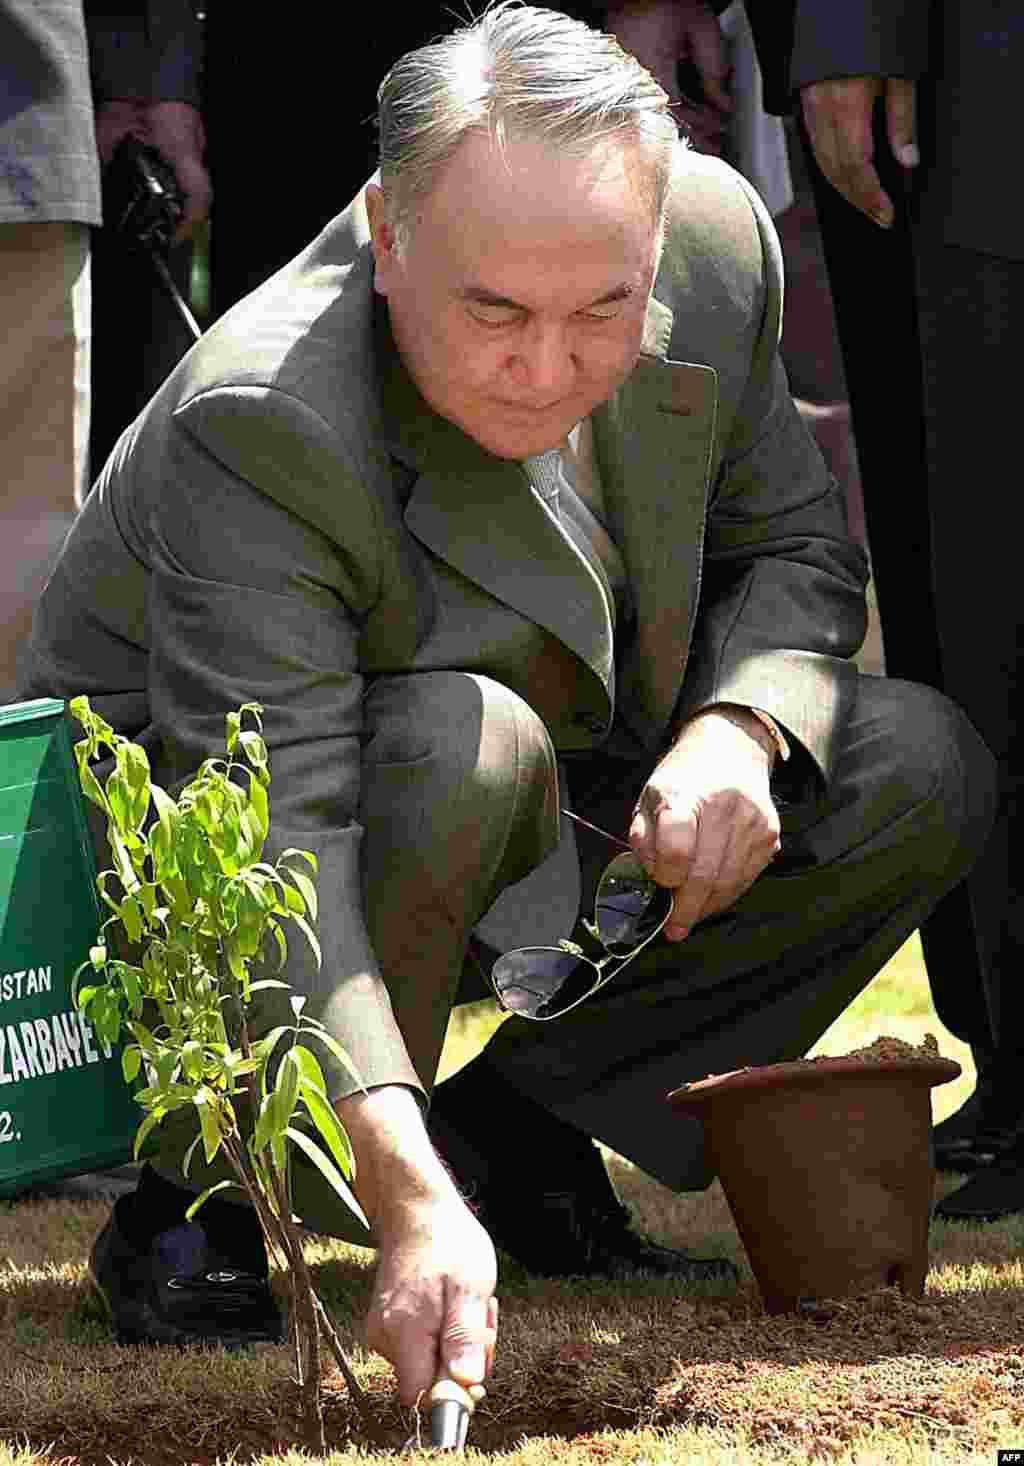 Во время поездки в Индию в 2009 году бессменный президент Казахстана Нурсултан Назарбаев в знак дружбы между странами высадил сандаловое дерево